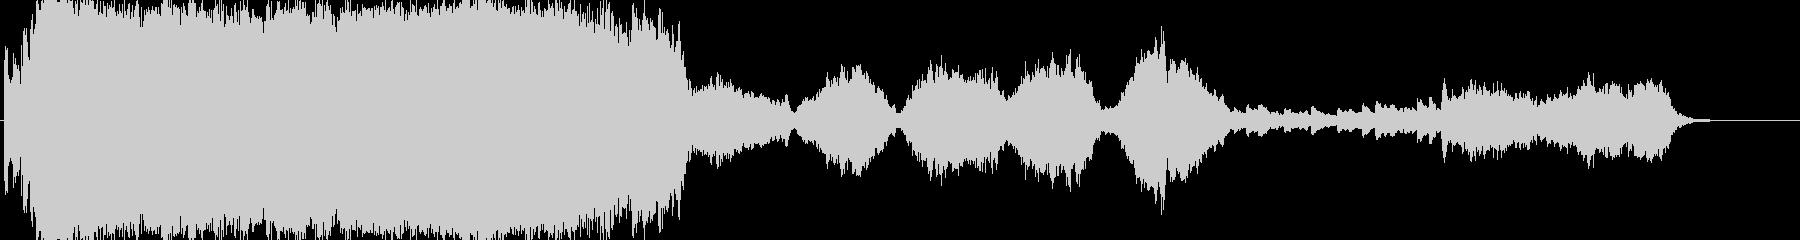 現代的 交響曲 オペラ プログレッ...の未再生の波形